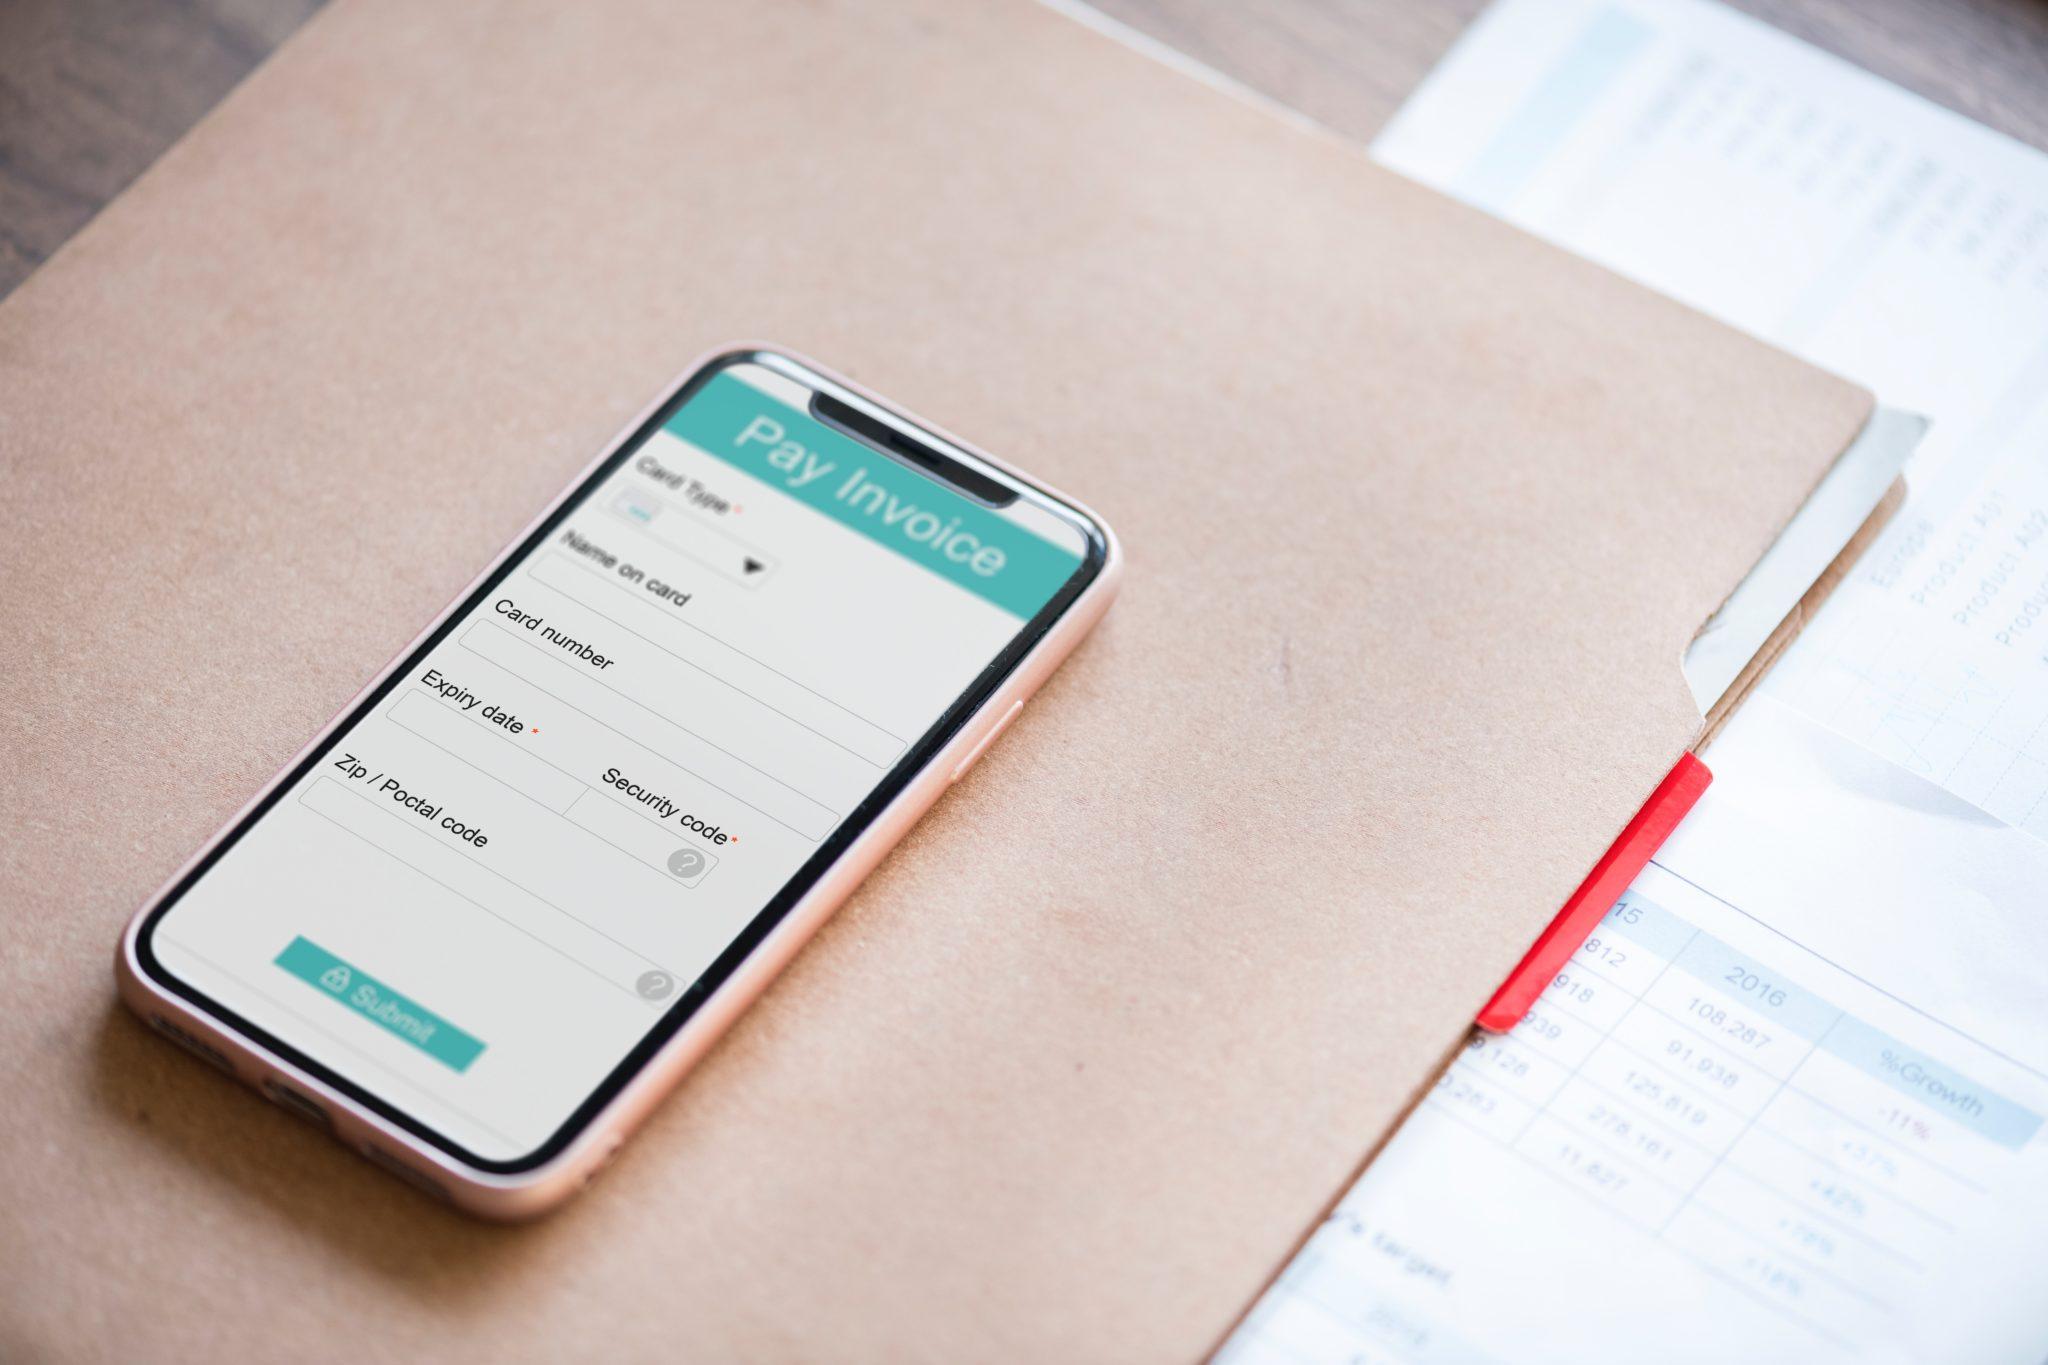 Eine Rechnungsvorlage wird auf dem Smartphone angezeigt